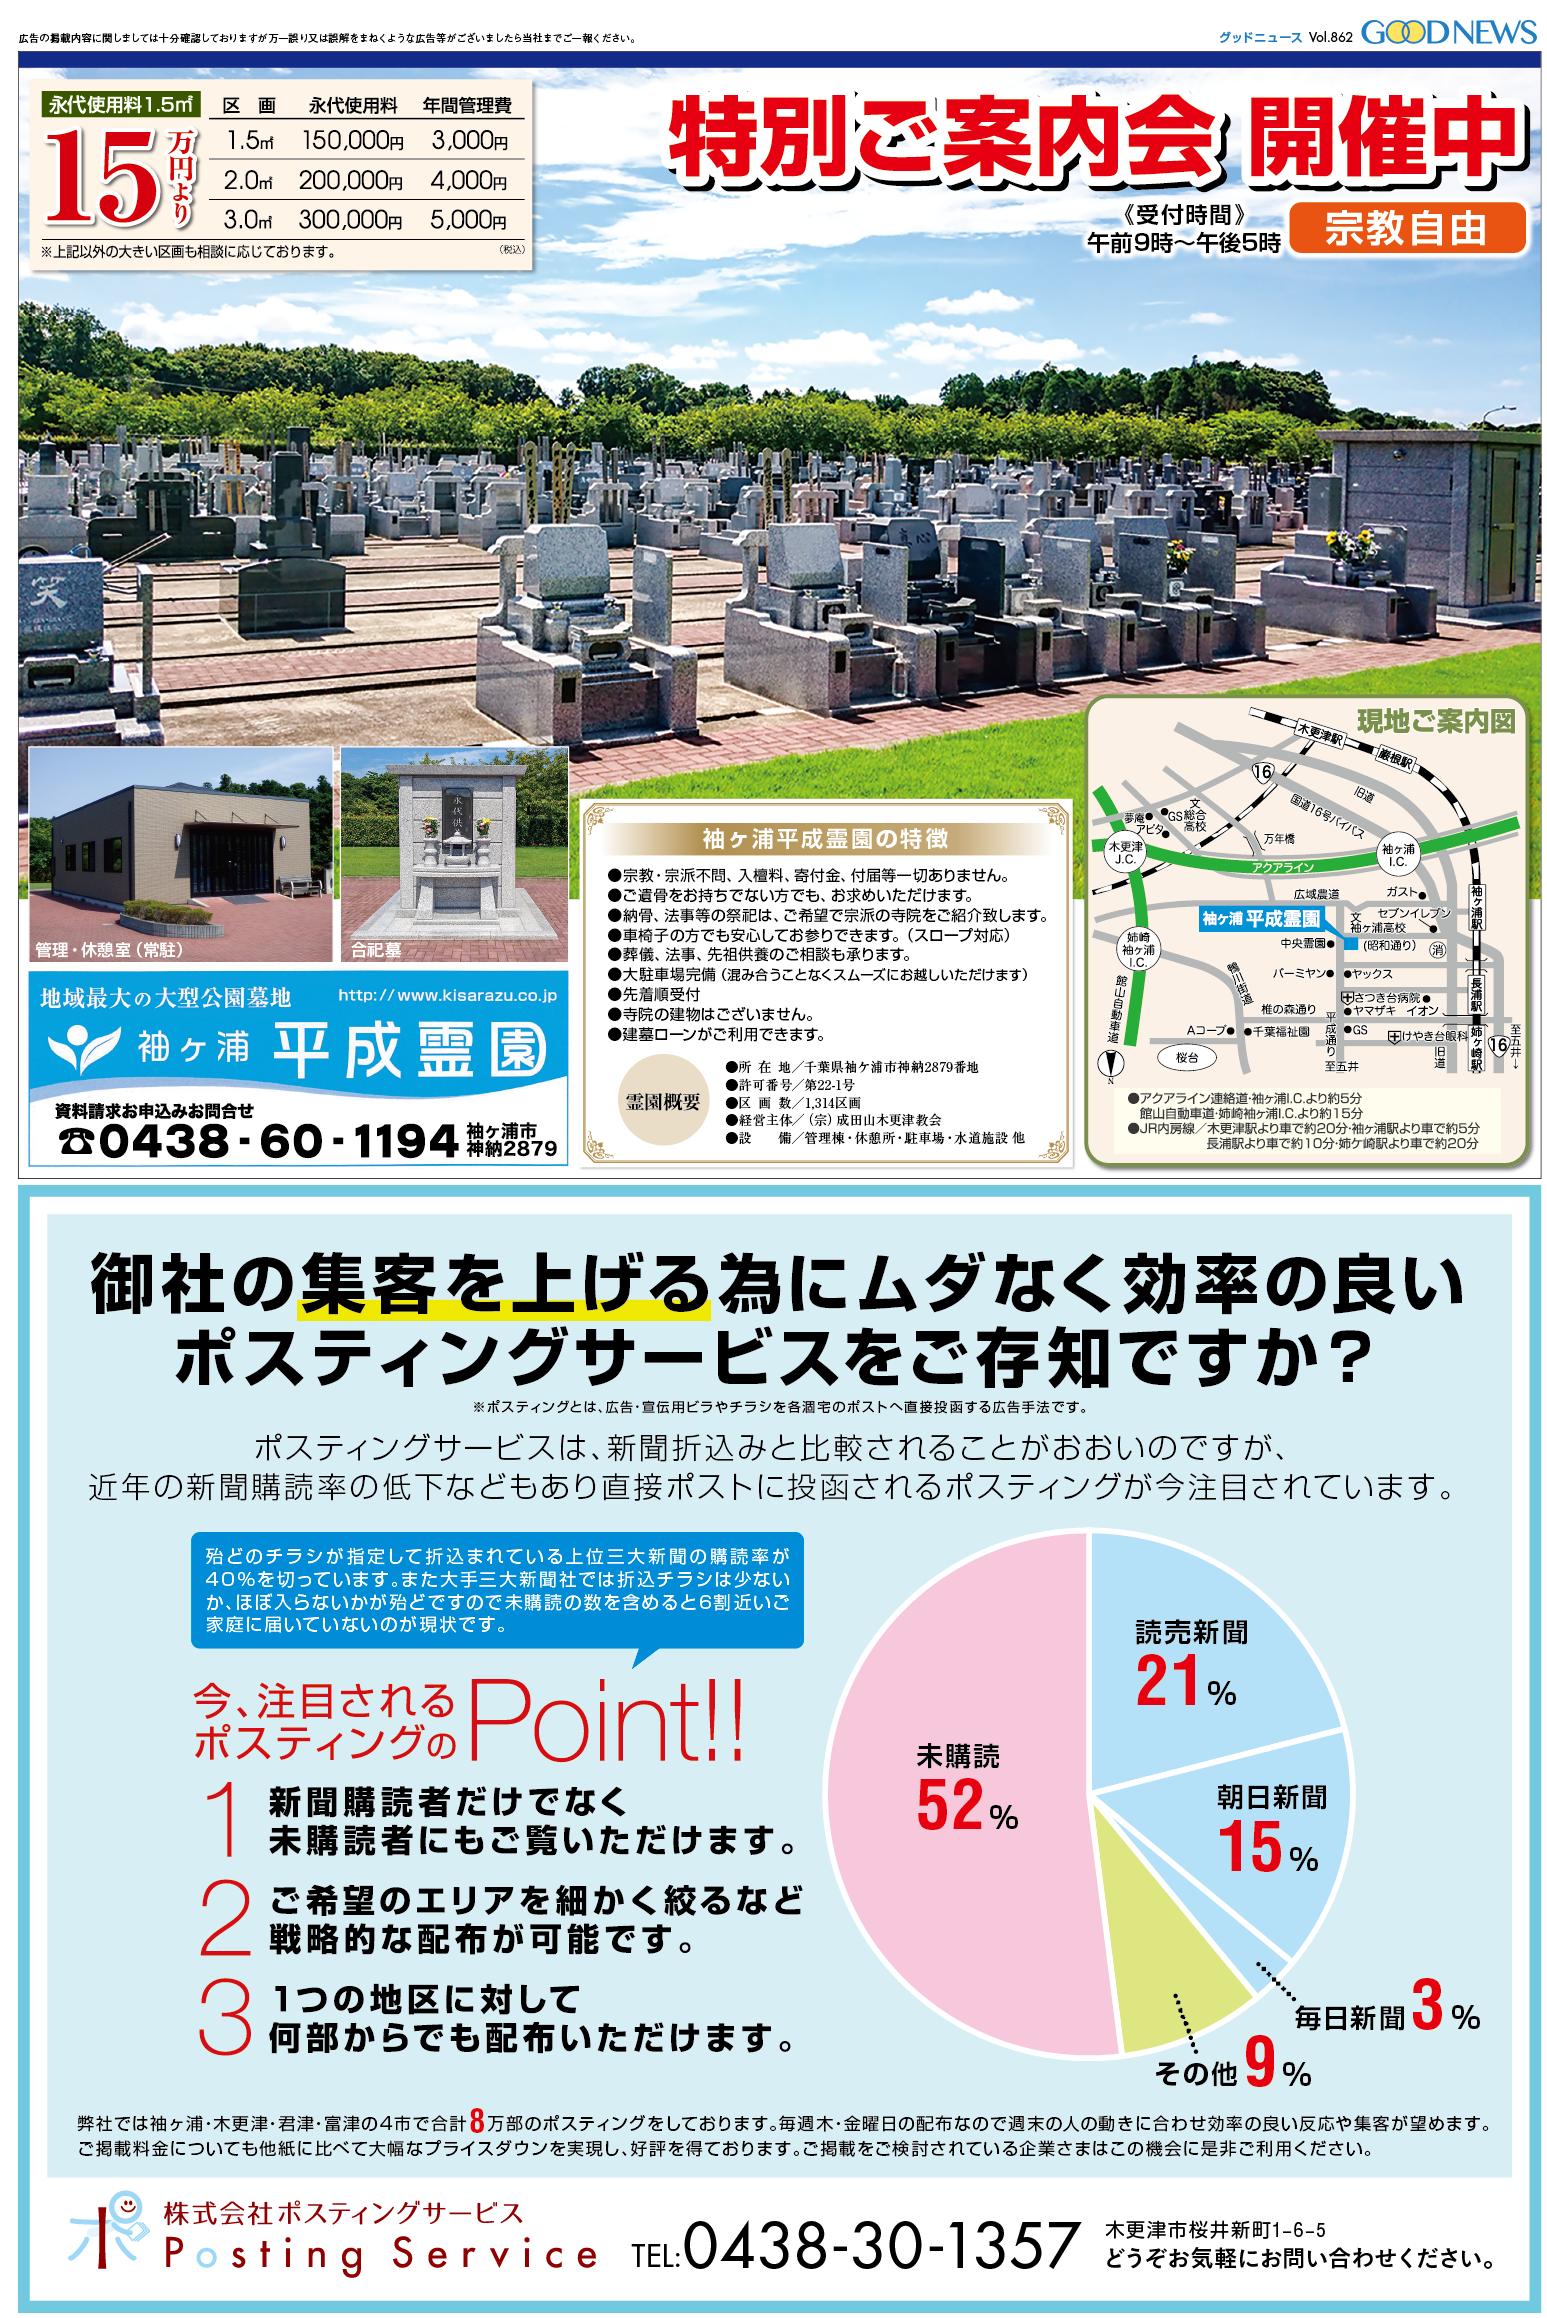 平成霊園 ポスティングサービス